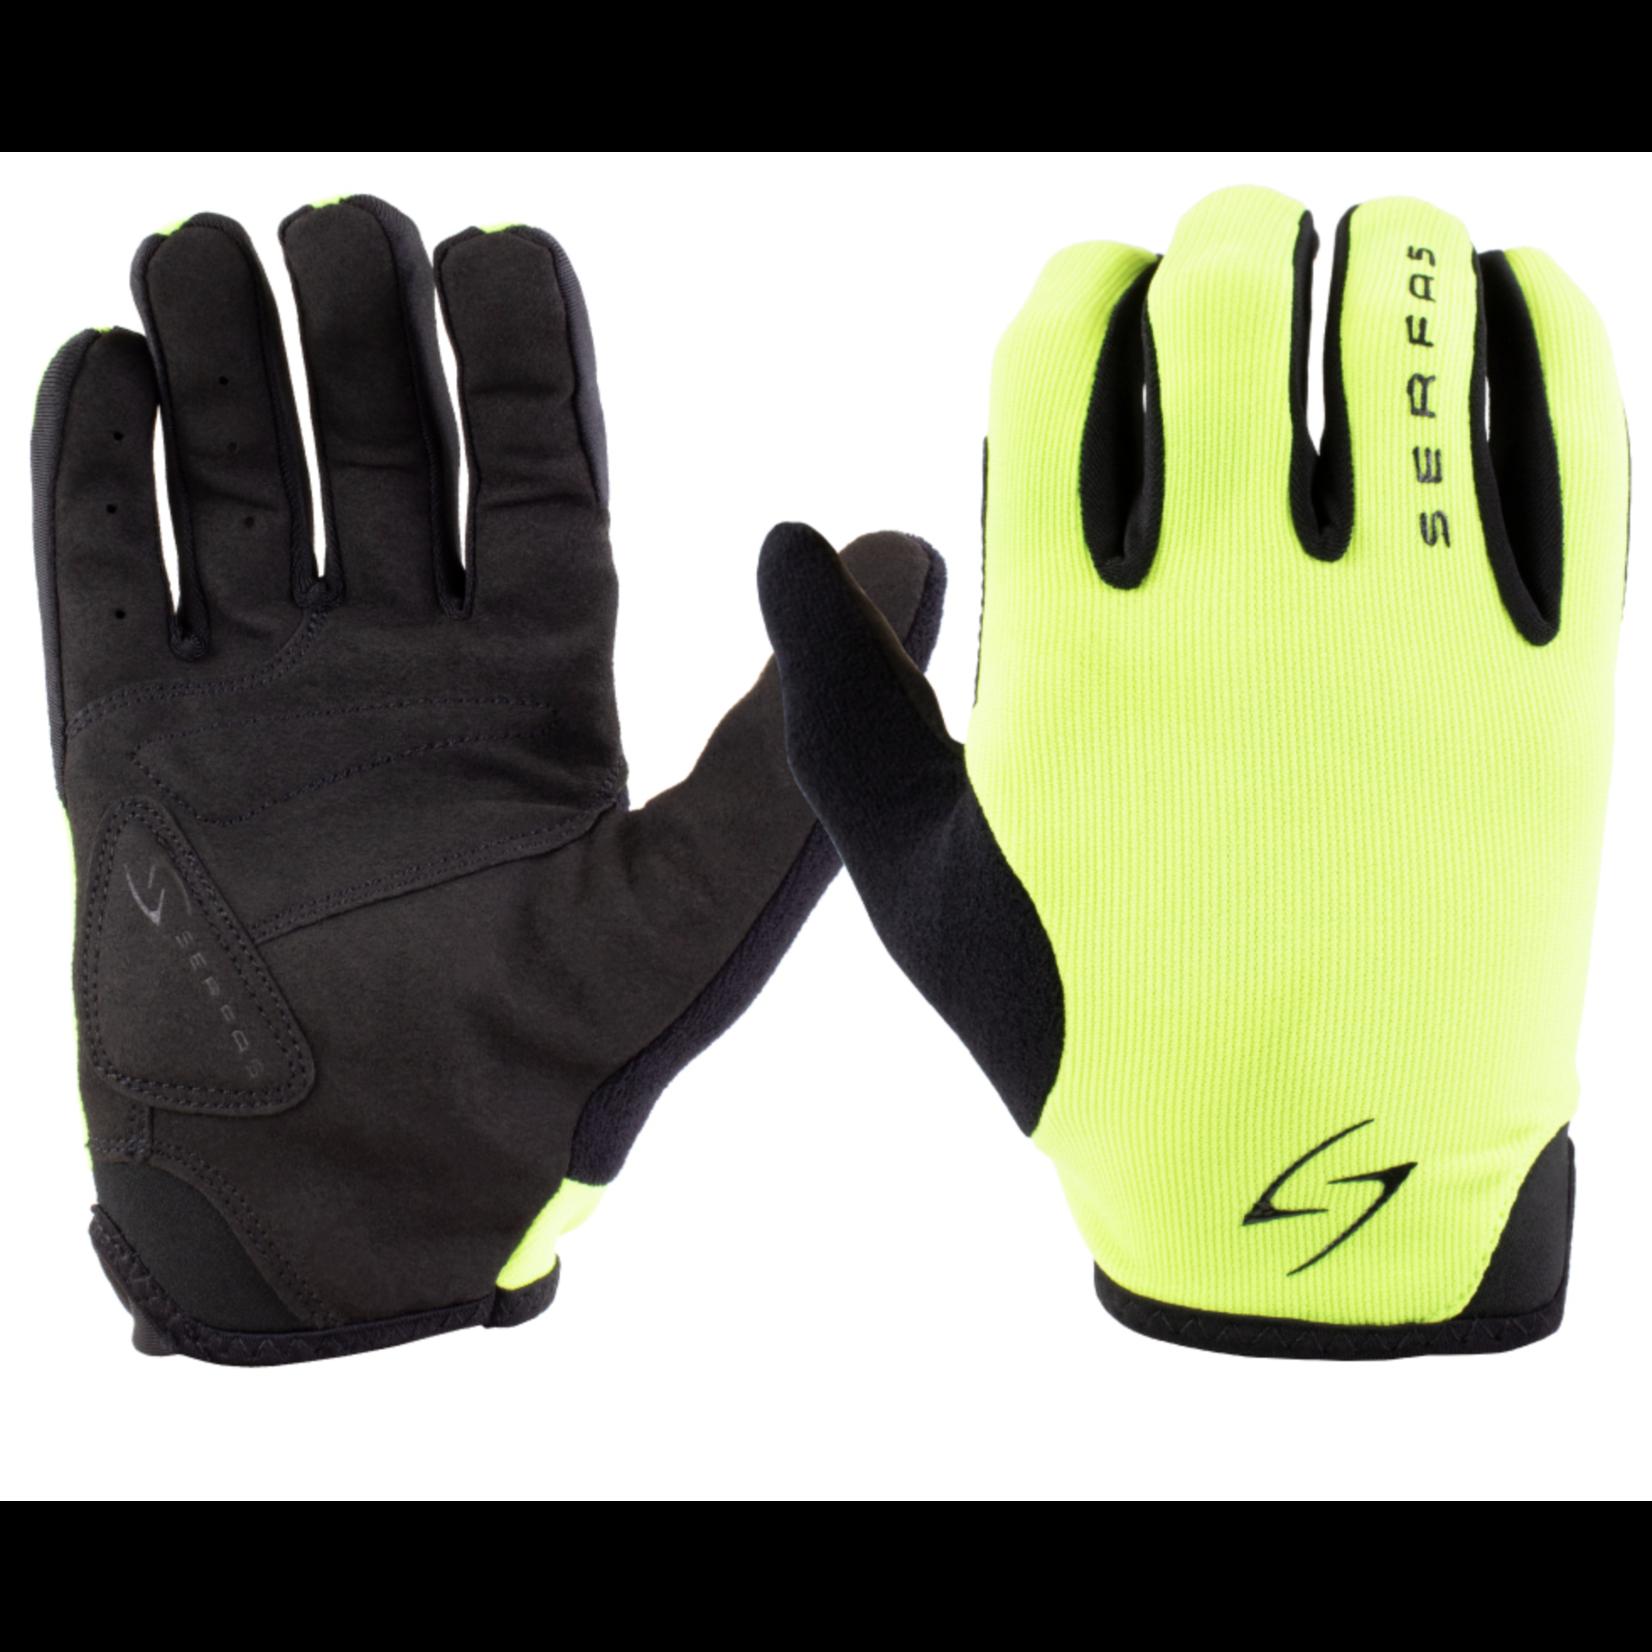 SERFAS SLM-HV  2.1 Starter Long Finger Gloves Green SM (SERFAS)